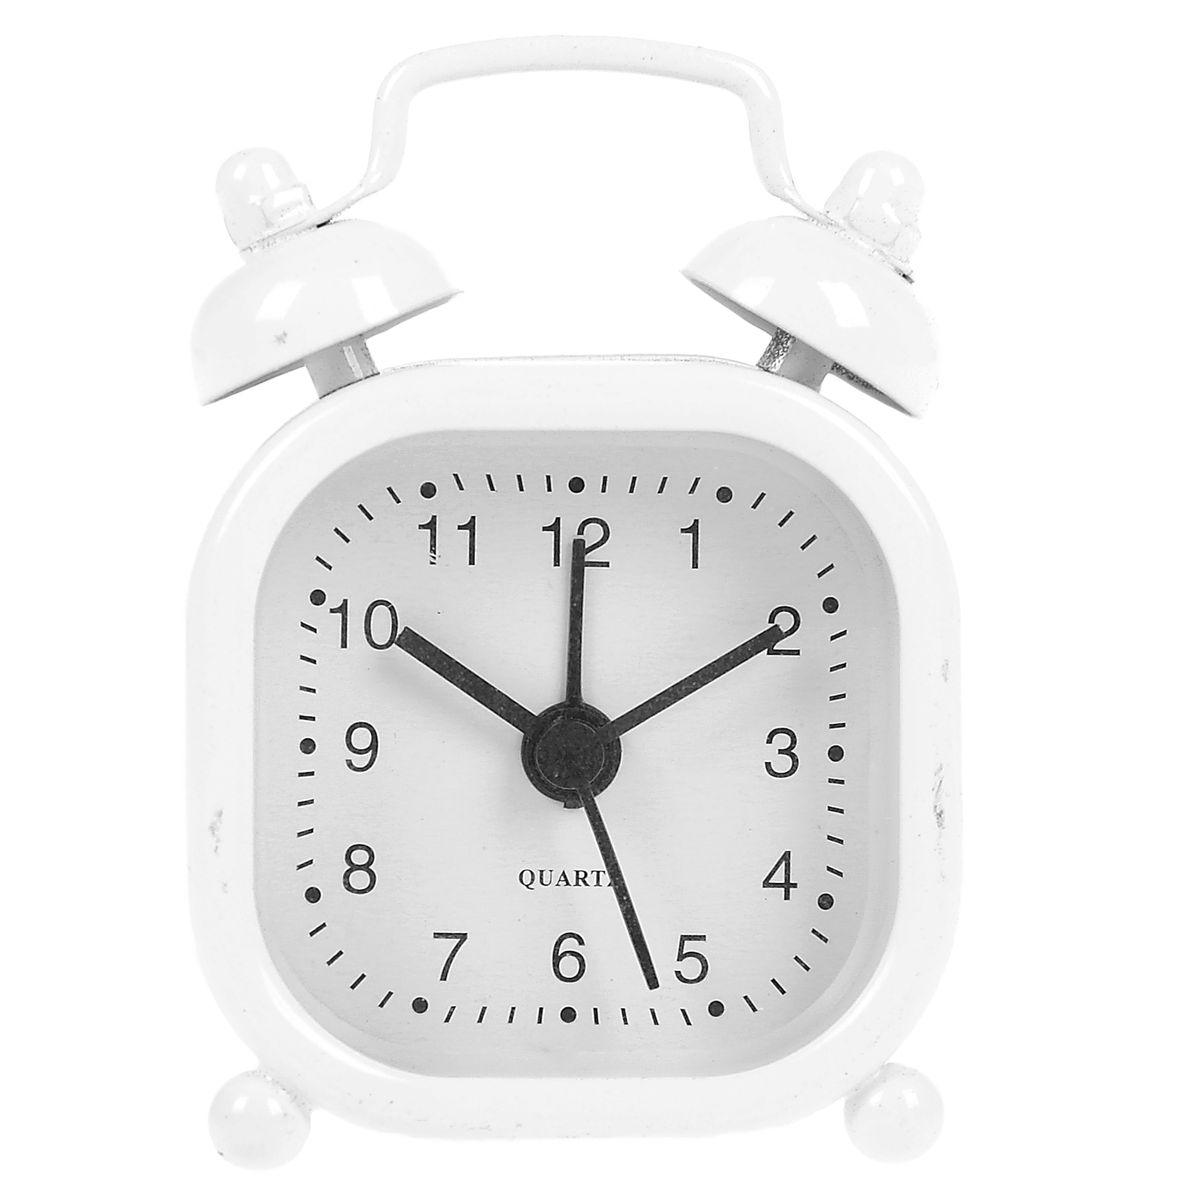 Часы-будильник Sima-land, цвет: белый. 840949840949Как же сложно иногда вставать вовремя! Всегда так хочется поспать еще хотя бы 5 минут ибывает,что мы просыпаем. Теперь этого не случится! Яркий, оригинальный будильник Sima-landпоможет вам всегдавставать в нужное время и успевать везде и всюду. Будильник украсит вашу комнату иприведет в восхищение друзей. Эта уменьшенная версия привычного будильника умещаетсяналадони и работает так же громко, как и привычные аналоги. Время показывает точно и будит вустановленный час. На задней панели будильника расположены переключатель включения/выключения механизма,атакже два колесика для настройки текущего времени и времени звонка будильника. Будильник работает от 1 батарейки типа LR44 (входит в комплект).